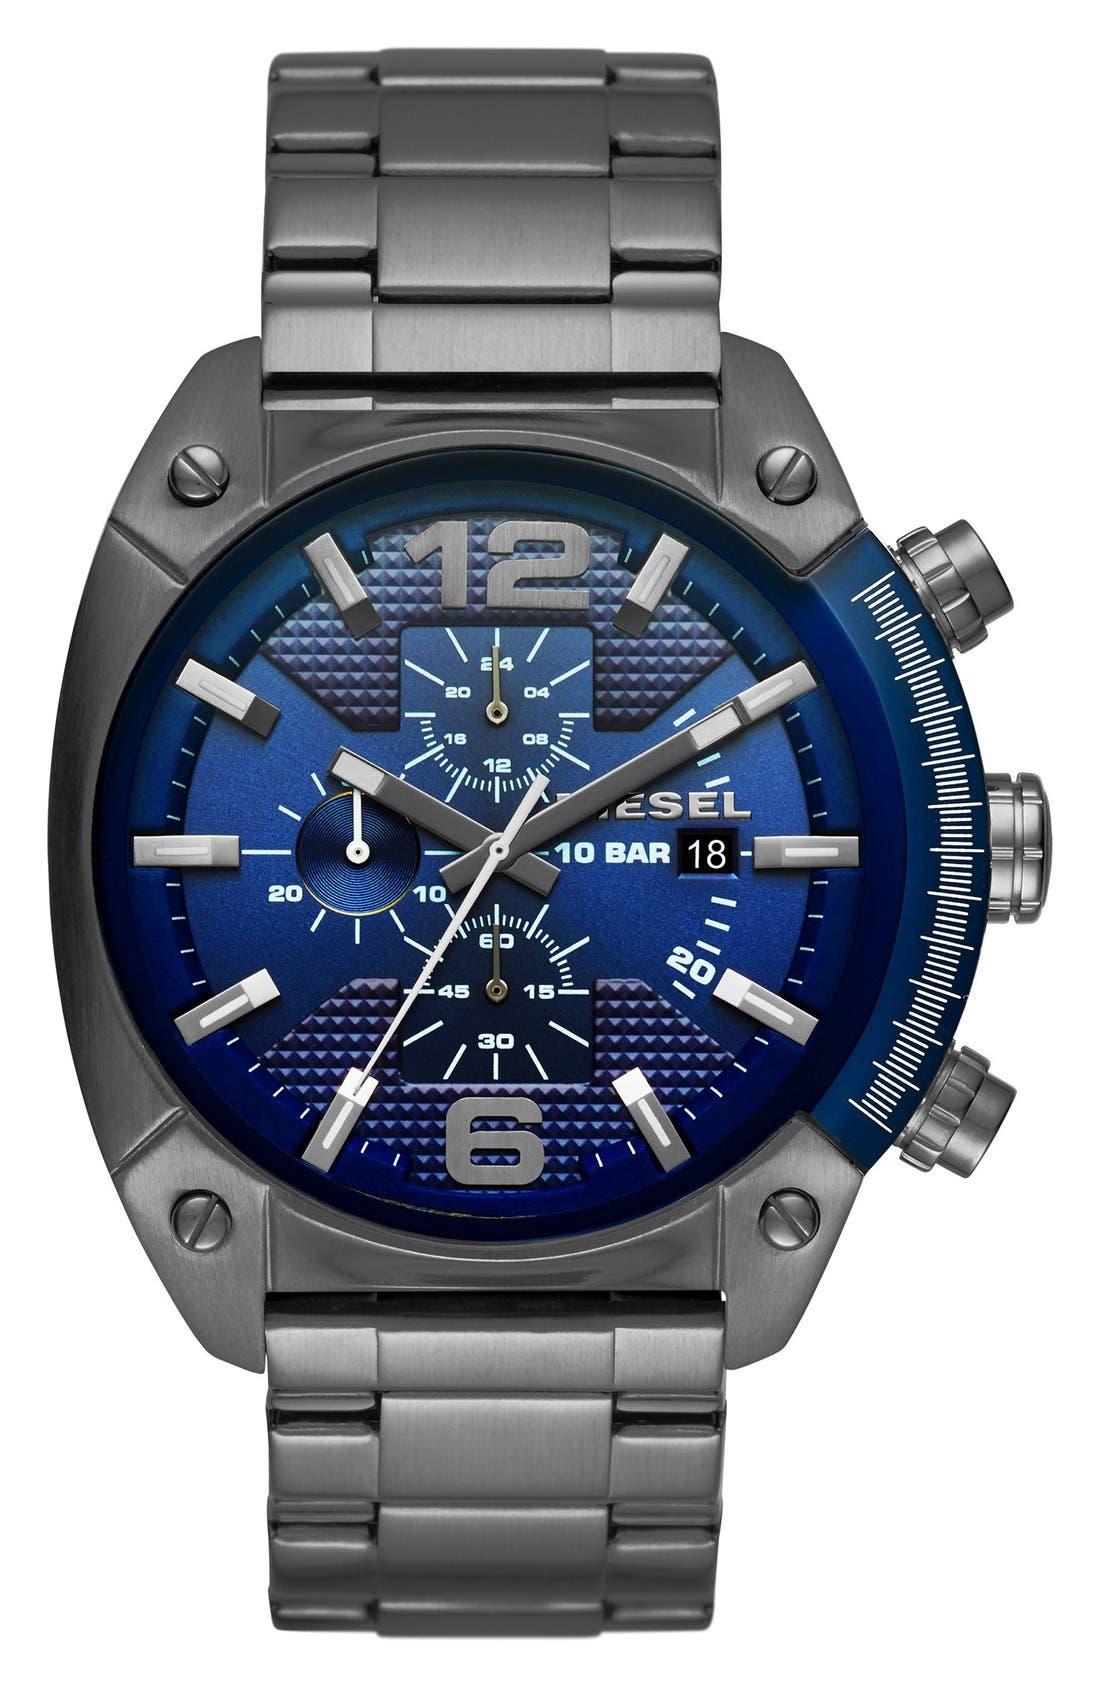 Купить копию часов diesel Купить часы в Украине